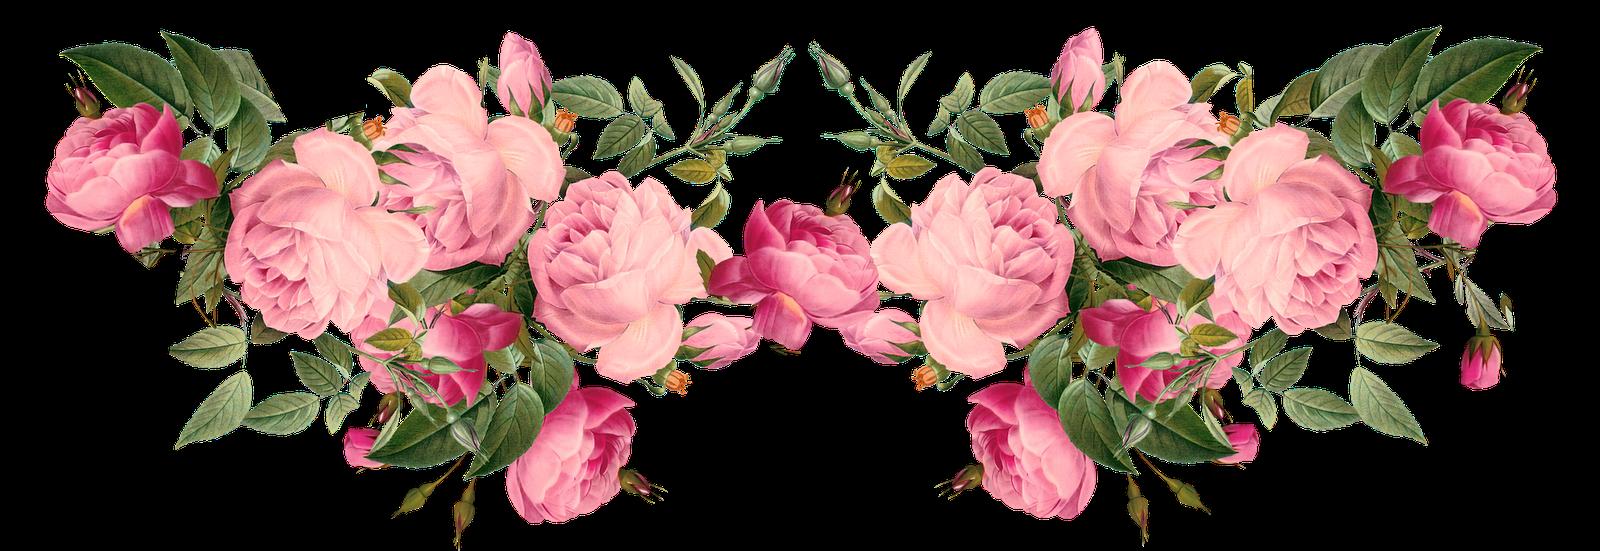 Vintage mobel rosa